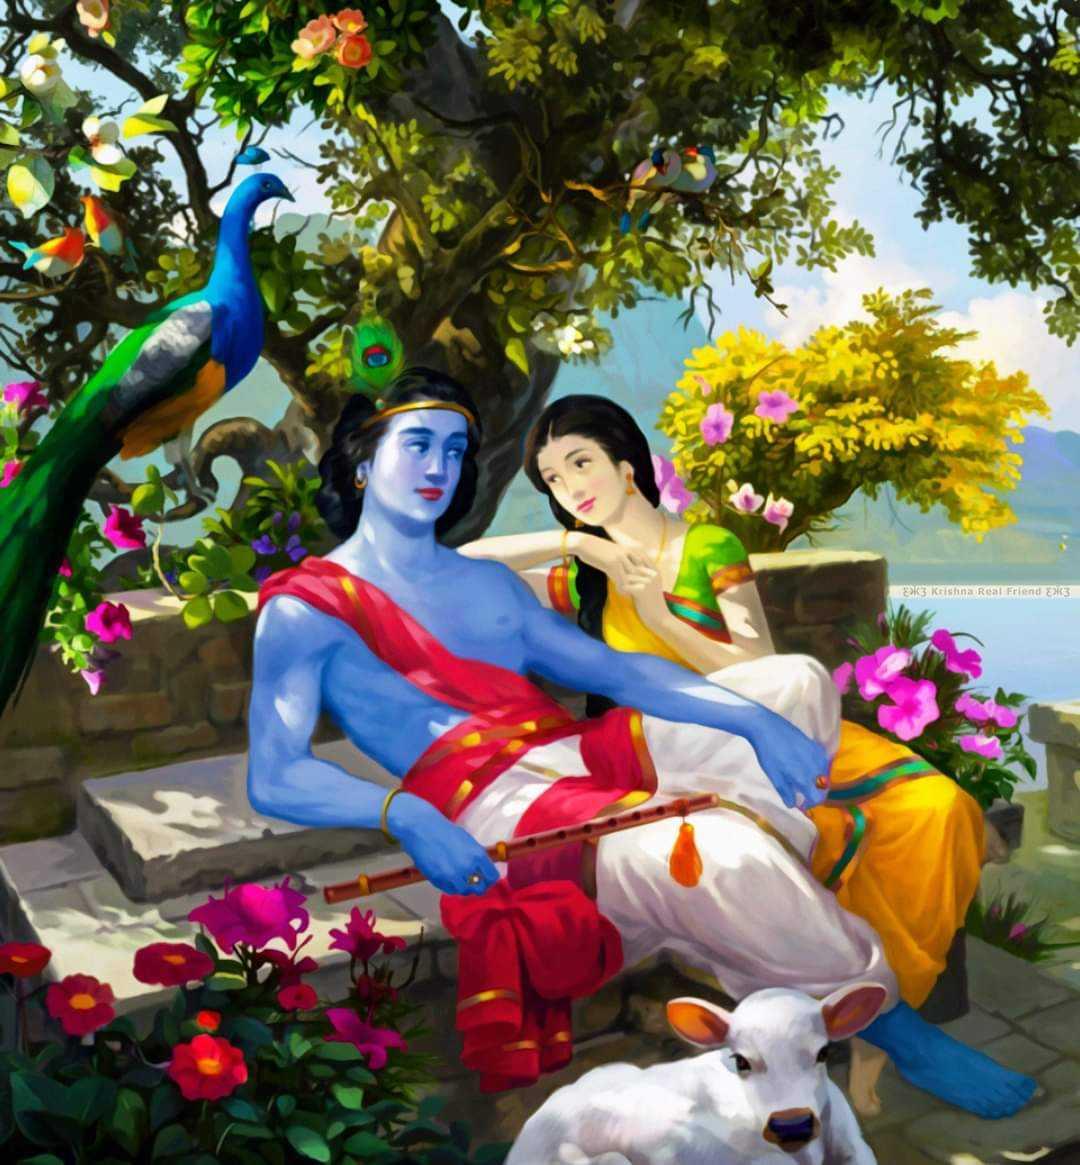 Radha Krishna Romantic Beautiful Image - Radha krishna romantic beautiful photo in garden. Radha spending time with her beloved krishna.